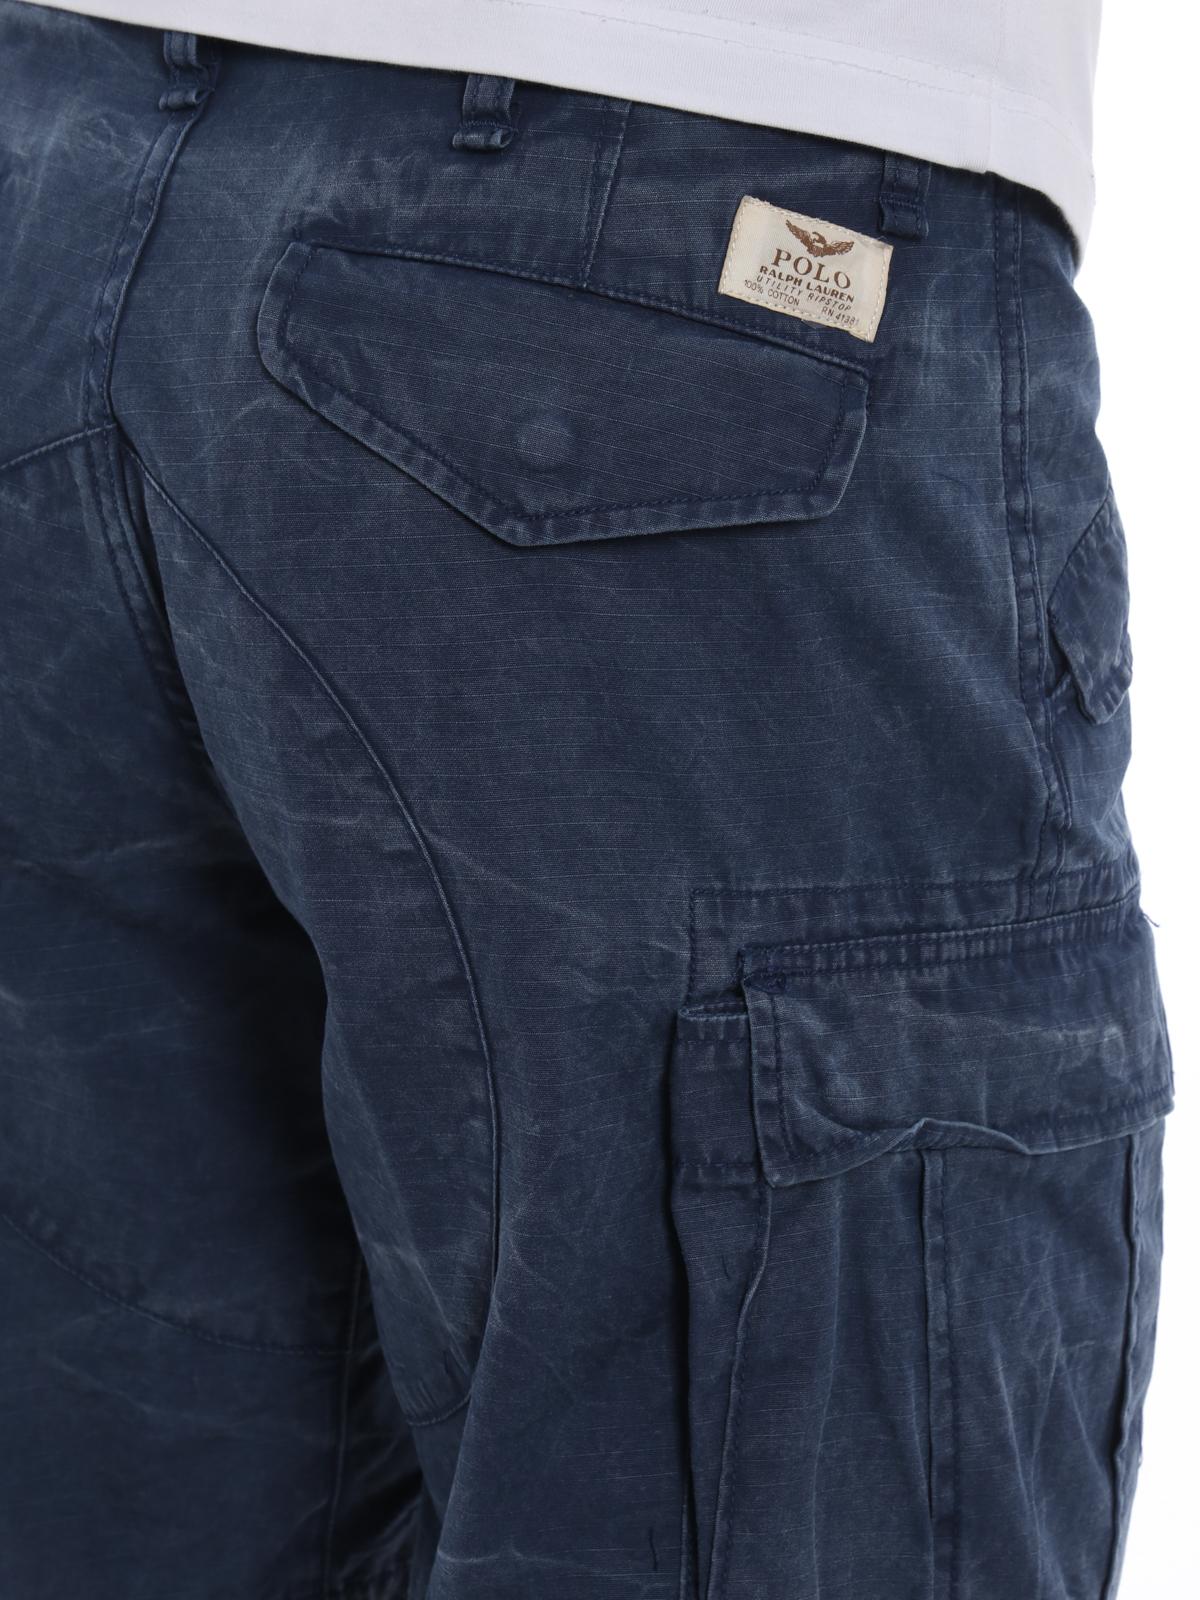 5e04f5d330 POLO RALPH LAUREN buy online Classic Fit cargo short pants. POLO RALPH  LAUREN: Trousers Shorts ...